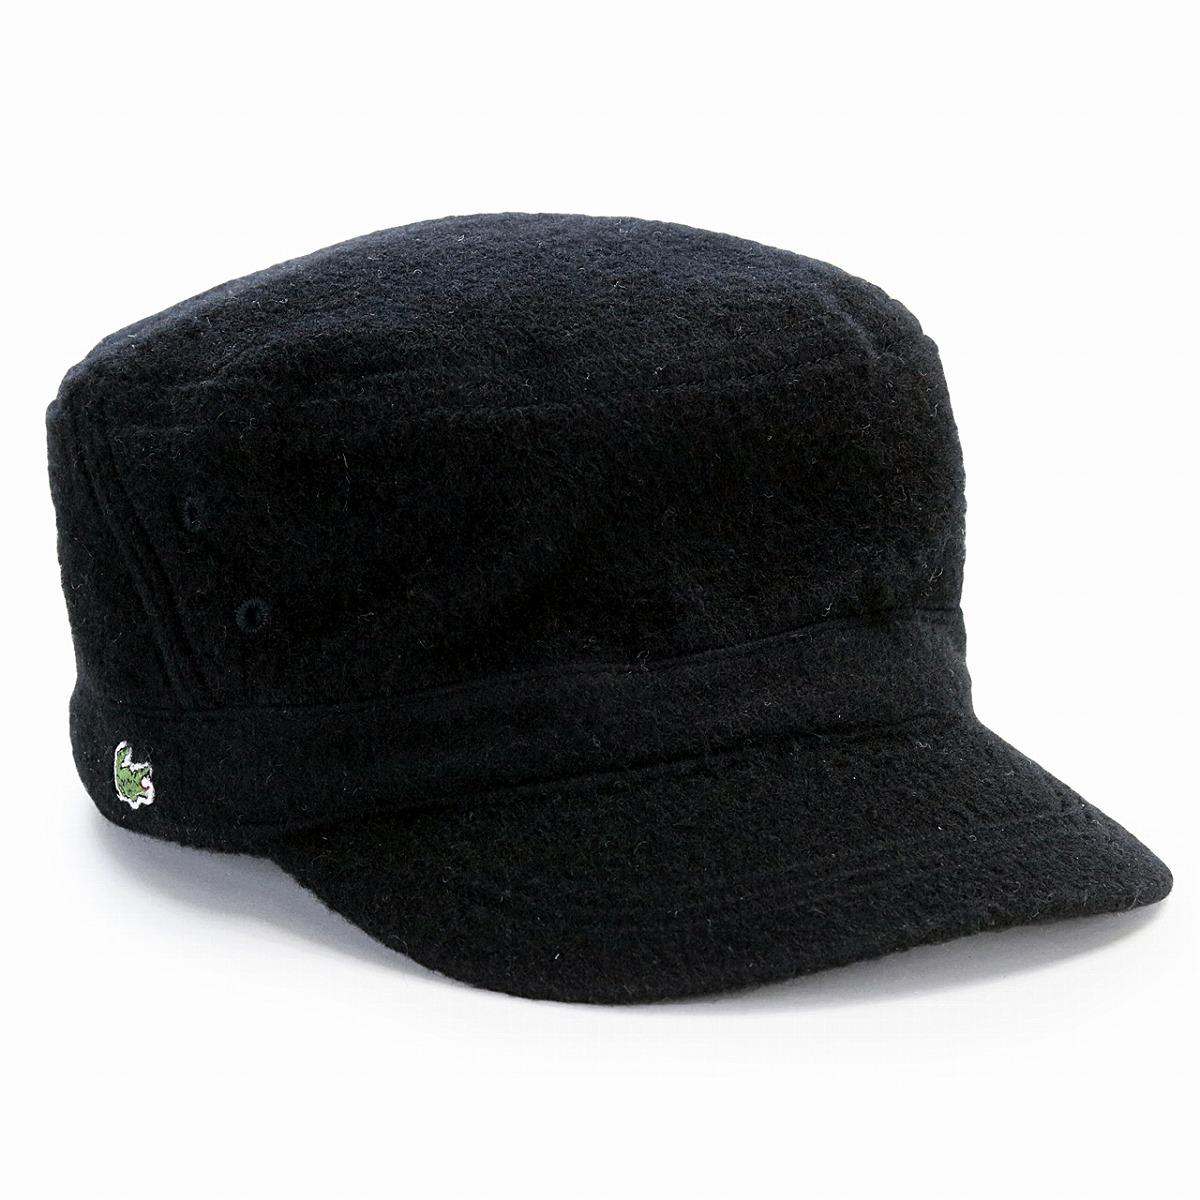 fe64c3e7e07 ELEHELM HAT STORE  Cap 56.5cm 58cm 59.5cm   black black  cadet cap ...